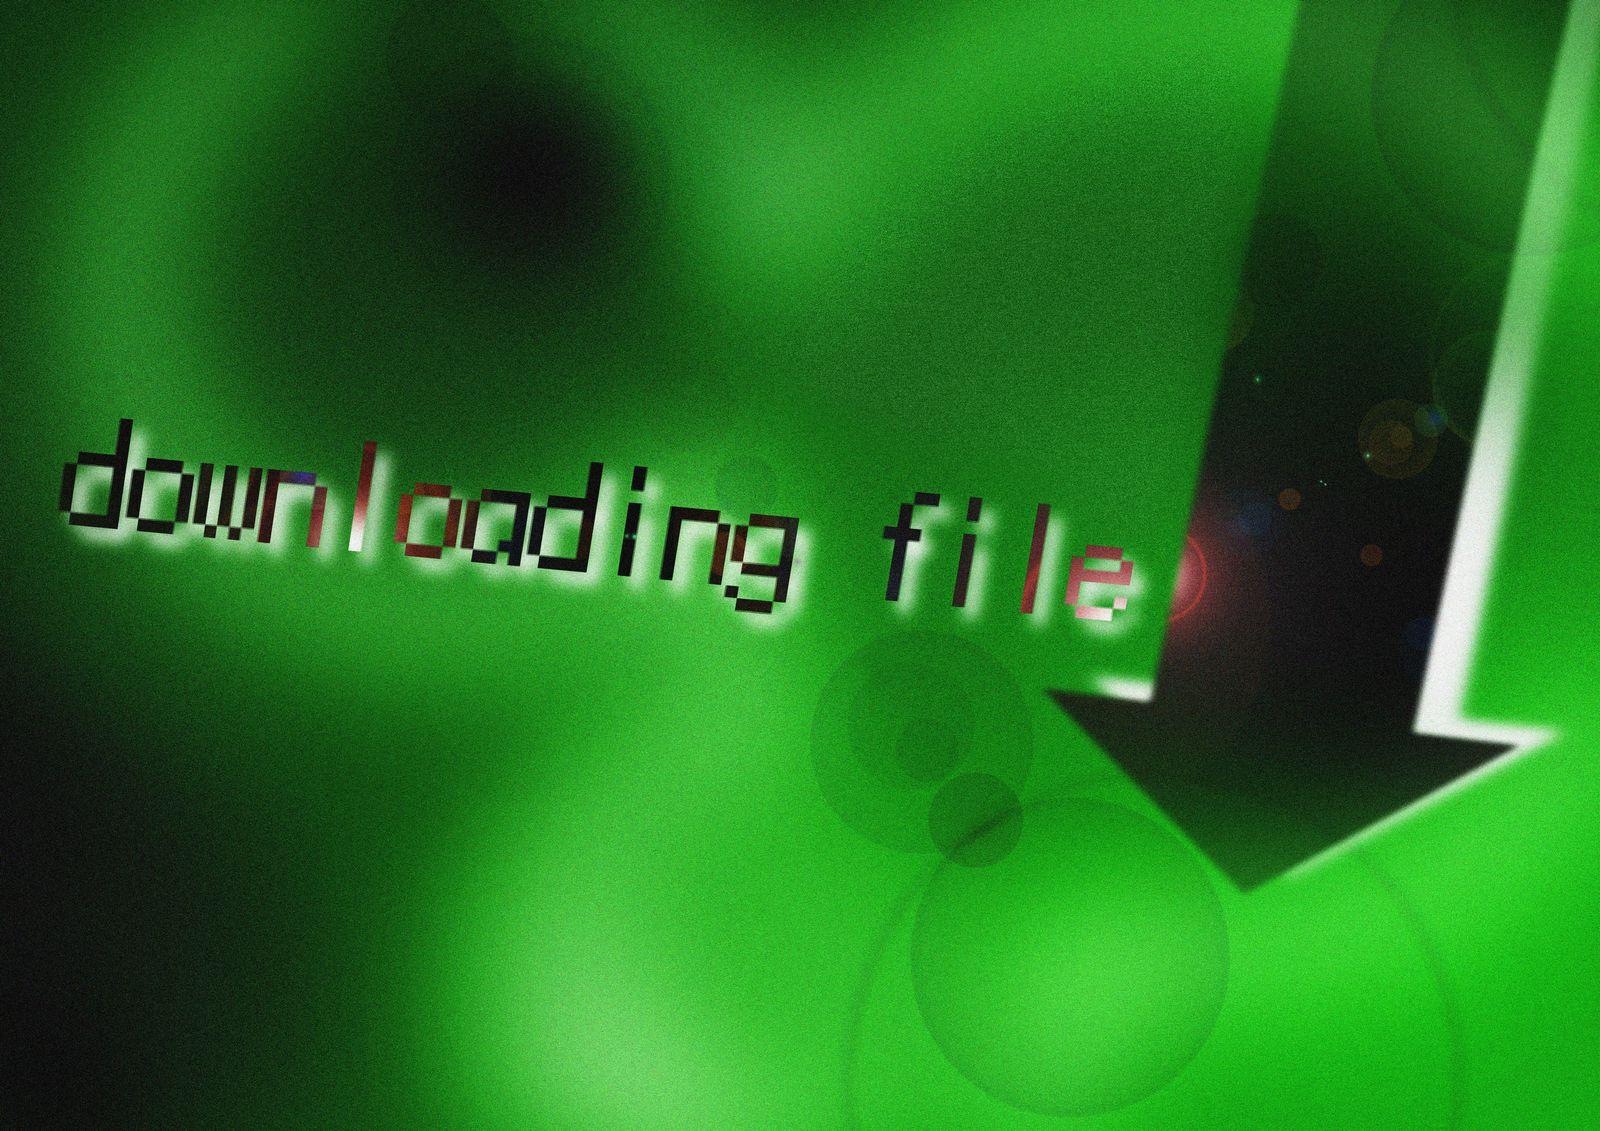 NICHT MEHR VERWENDEN! - Symbolbild File sharing / Filesharing